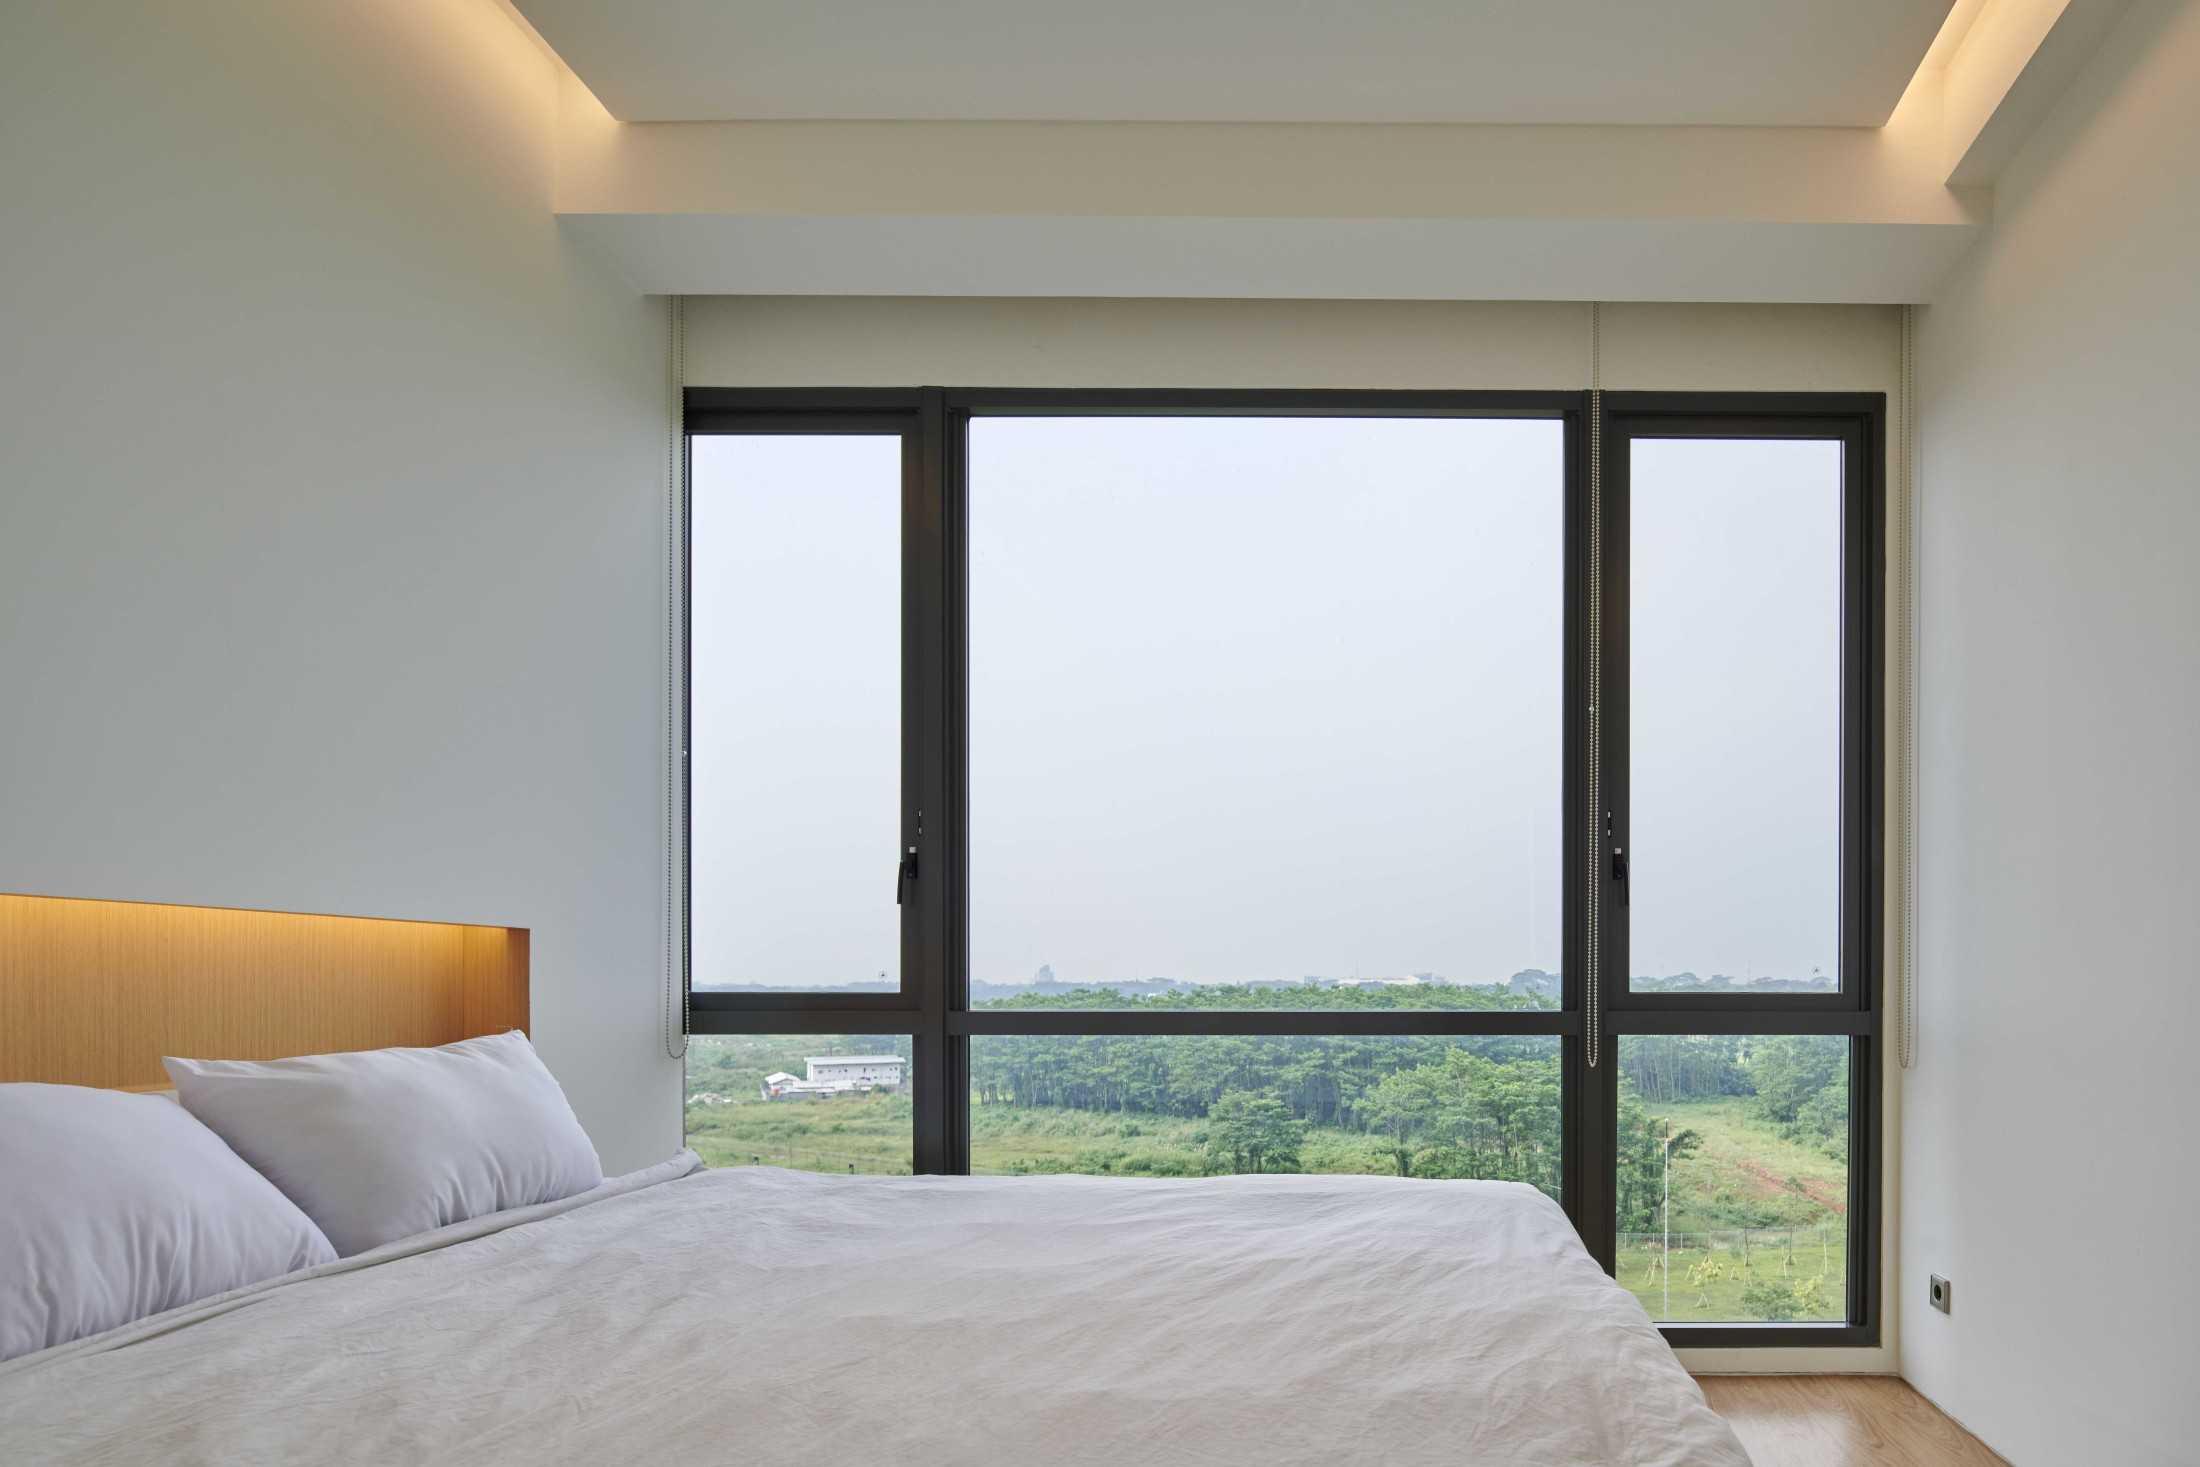 Jendela besar untuk sirkulasi udara dan pencahayaan Marigold Apartment karya Design Donk (Sumber: arsitag.com)